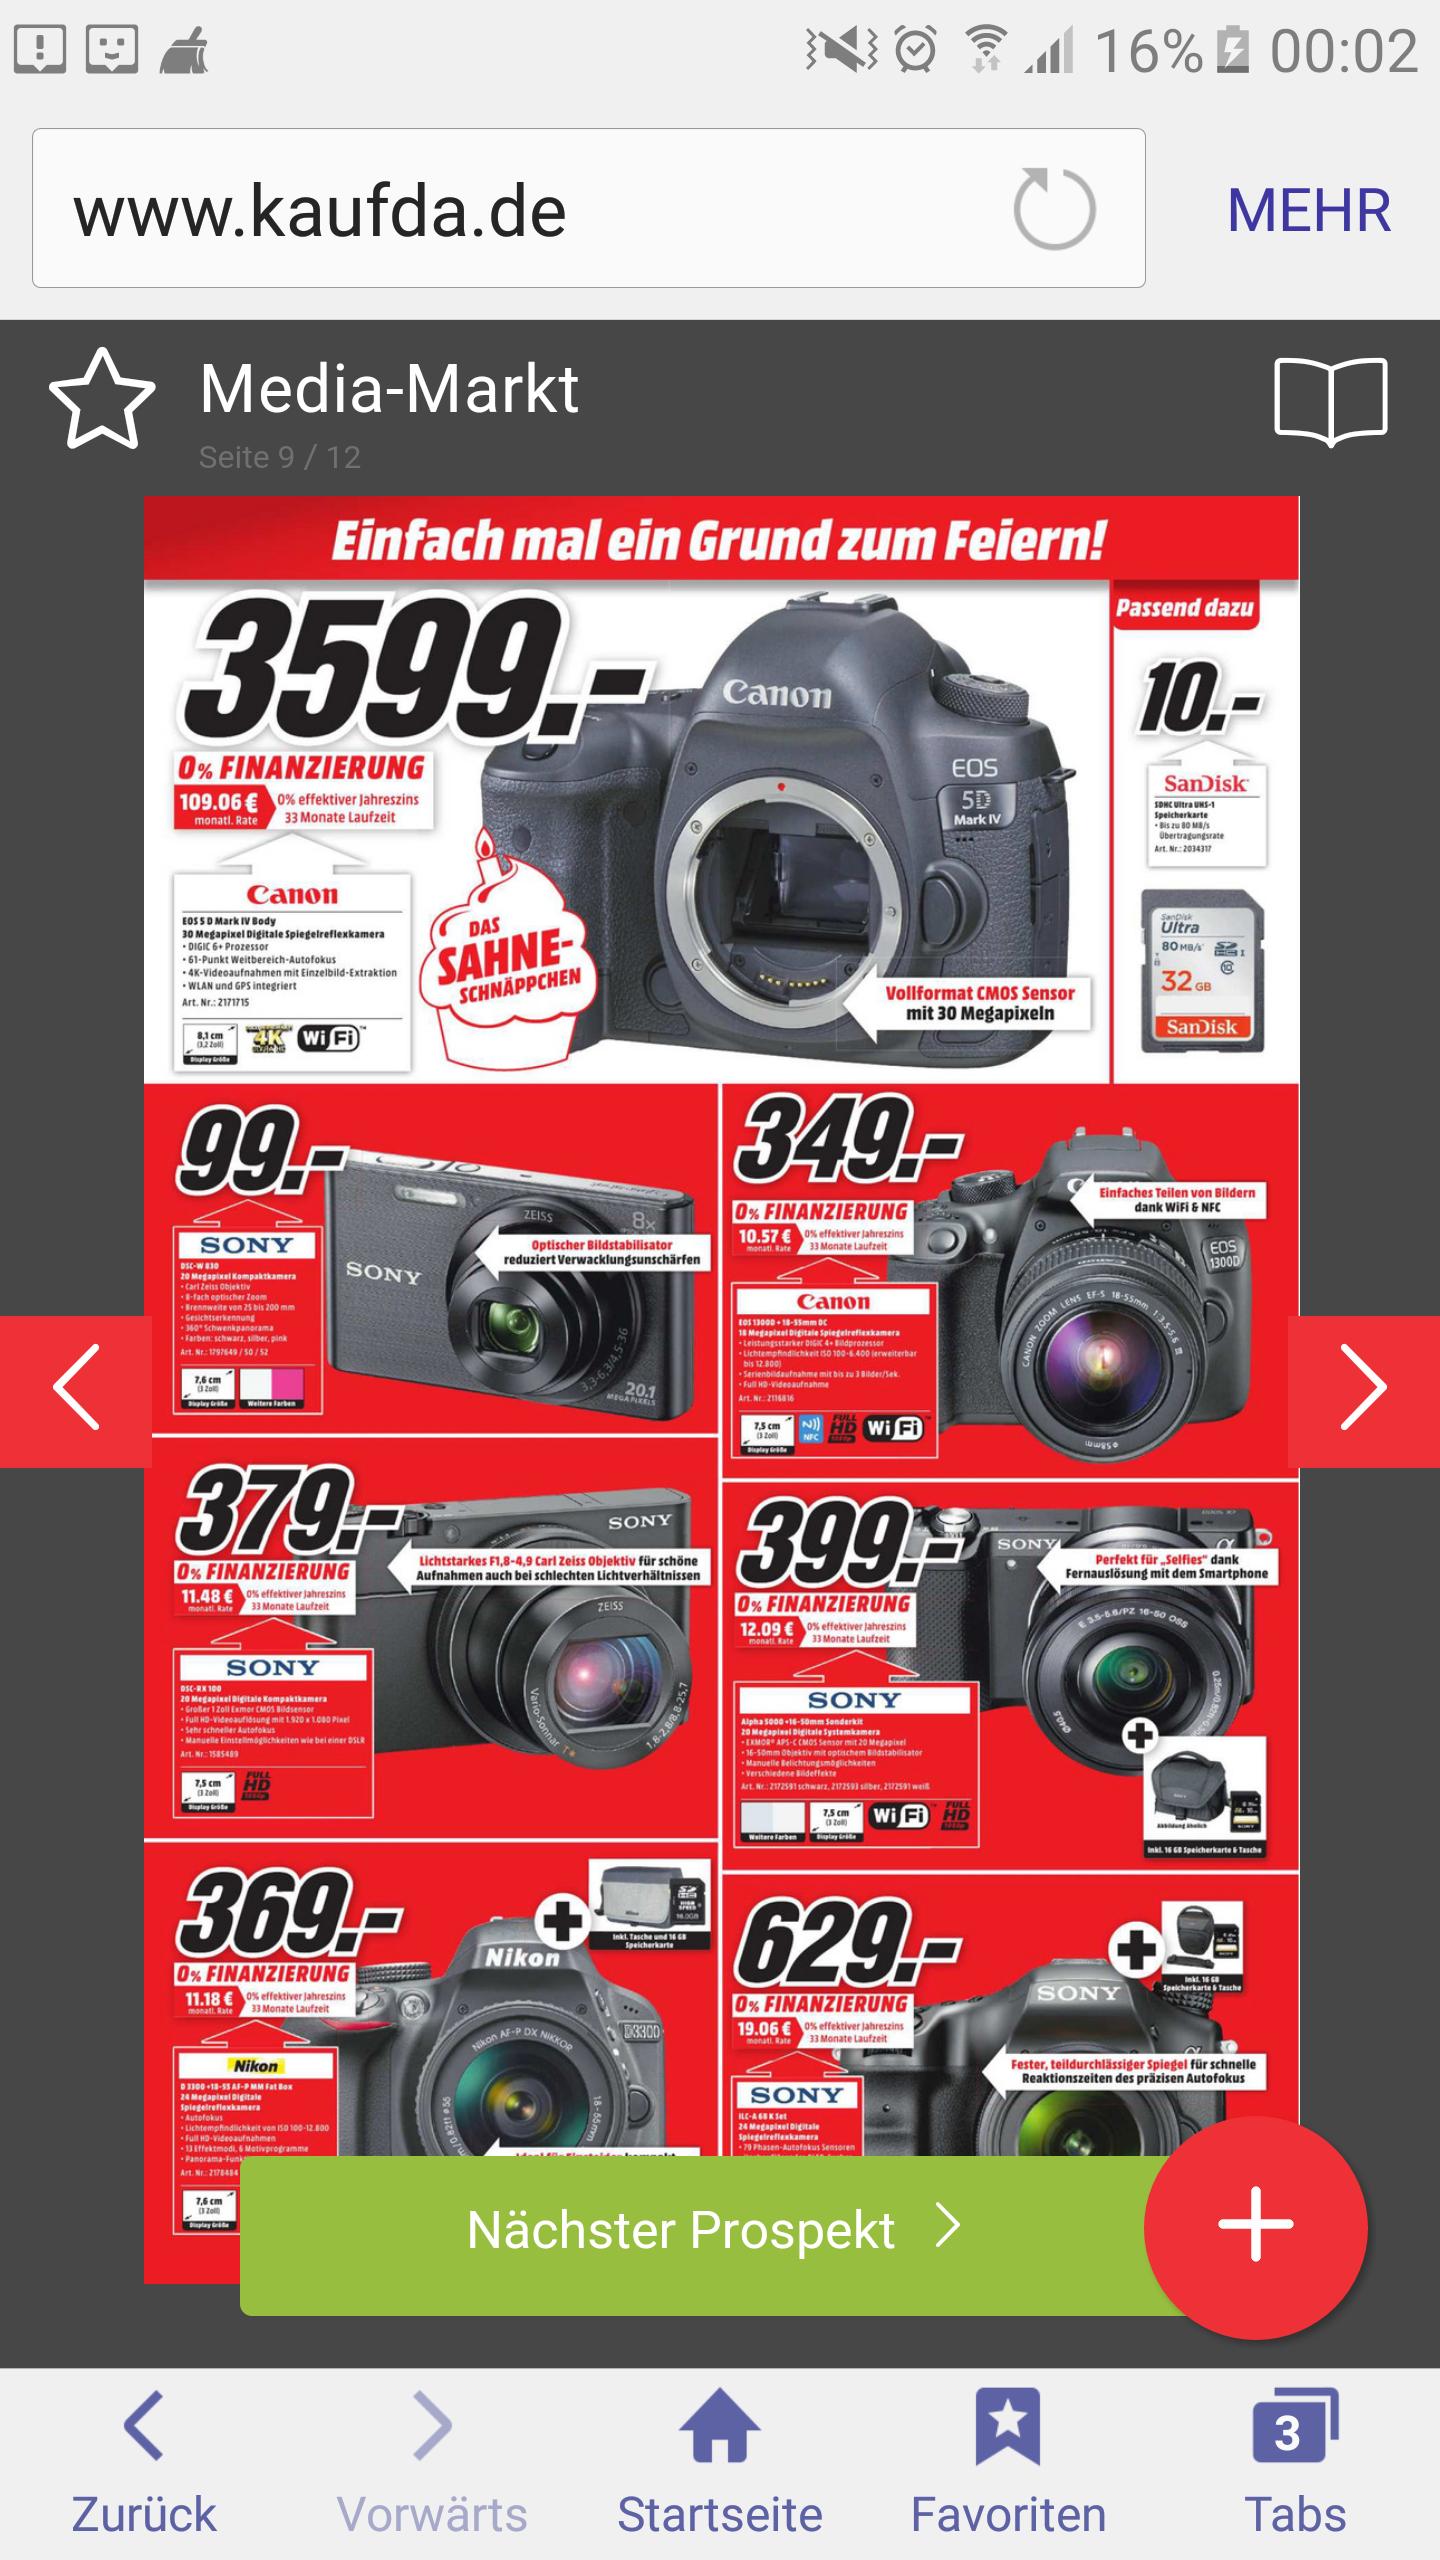 Geburtstags Werburg Media Markt Ludwigsburg Canon 5D Mark4 Gehäuse